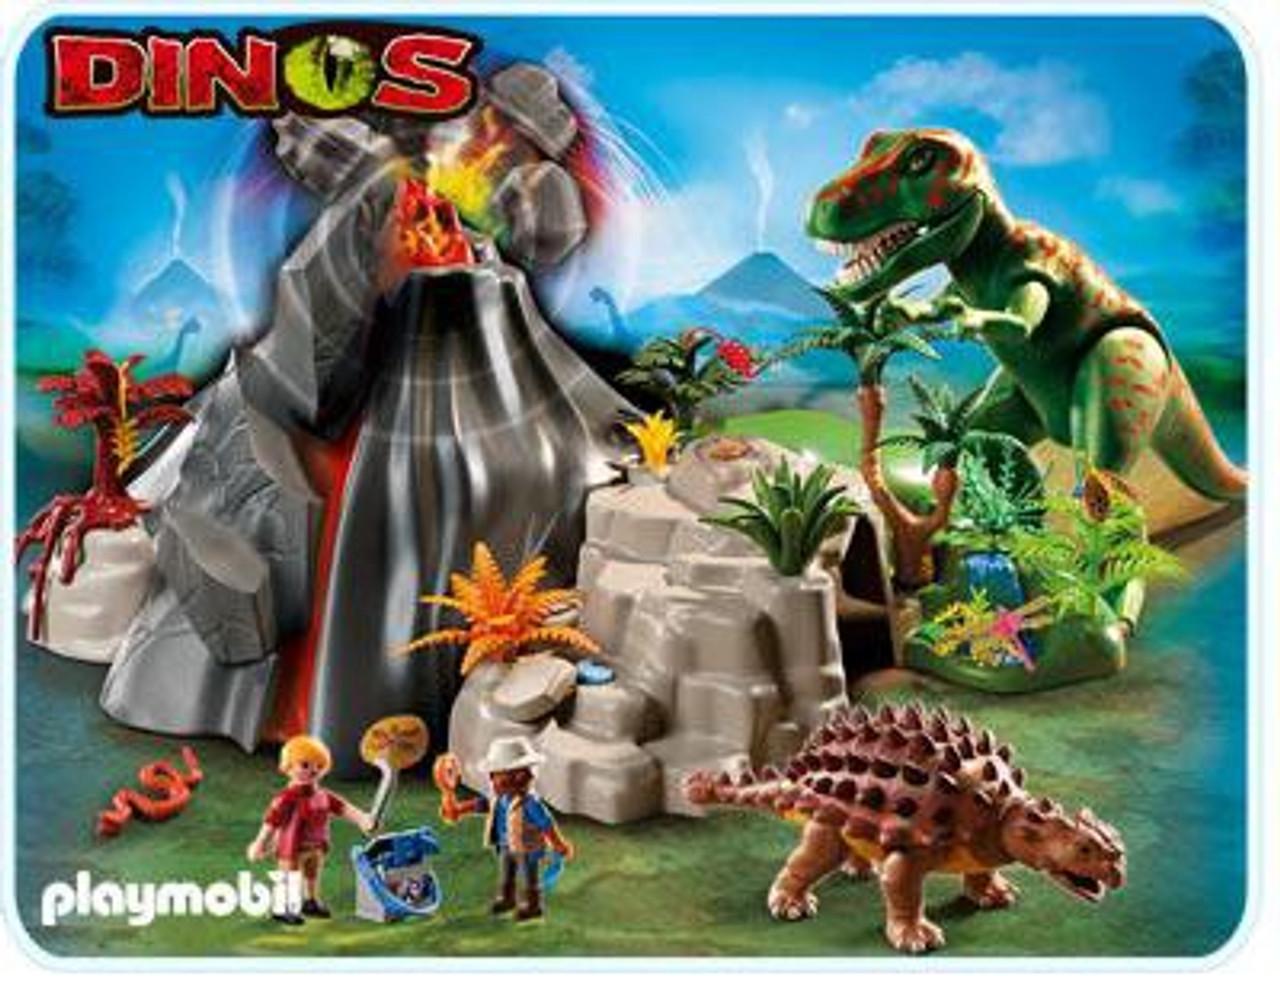 Playmobil Dinos Volcano with Tyrannosaurus Set #5230